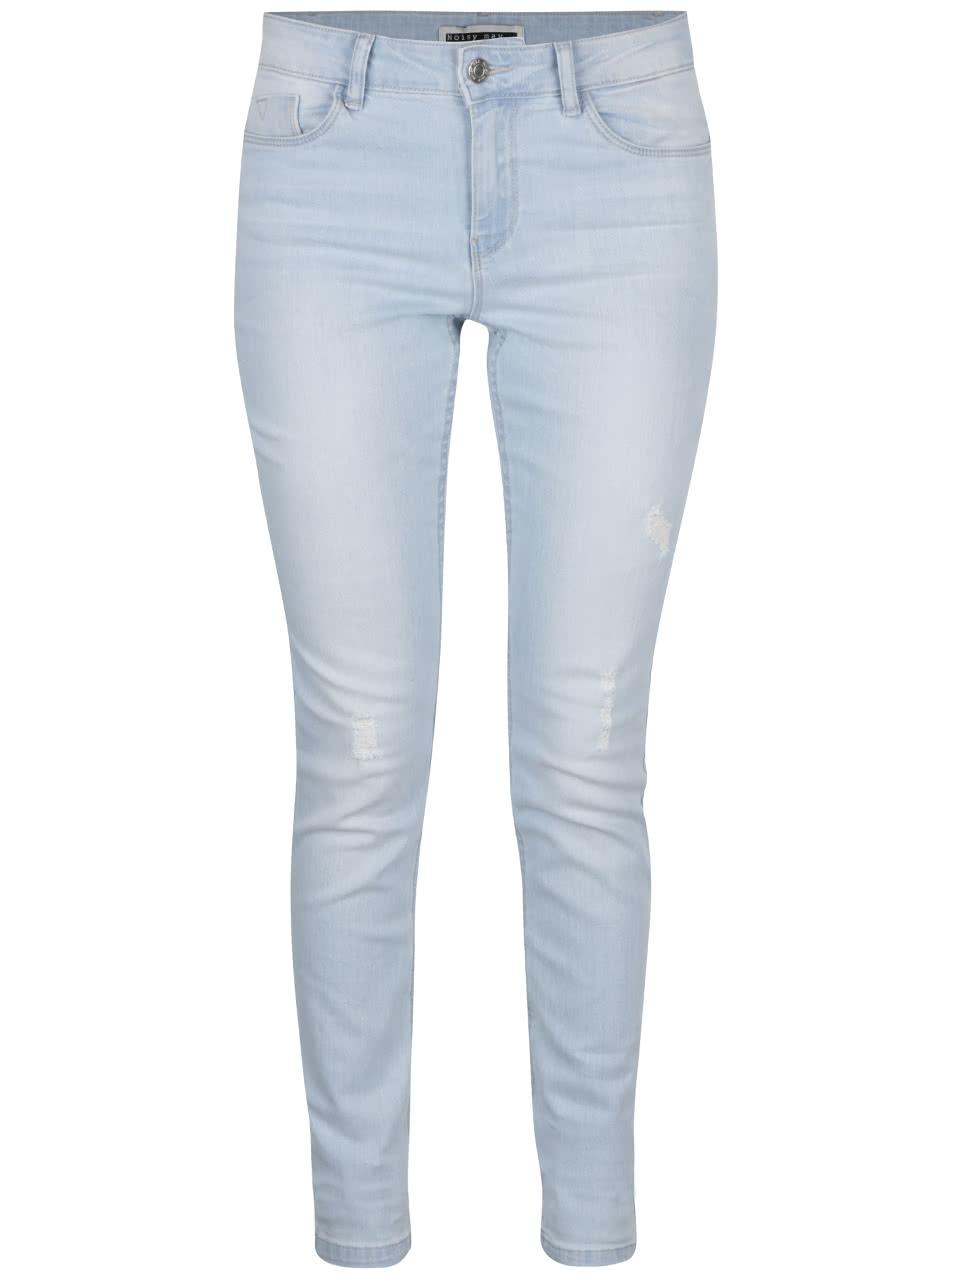 b5dc3a6a687 Světle modré slim fit džíny s potrhaným efektem Noisy May Lucy